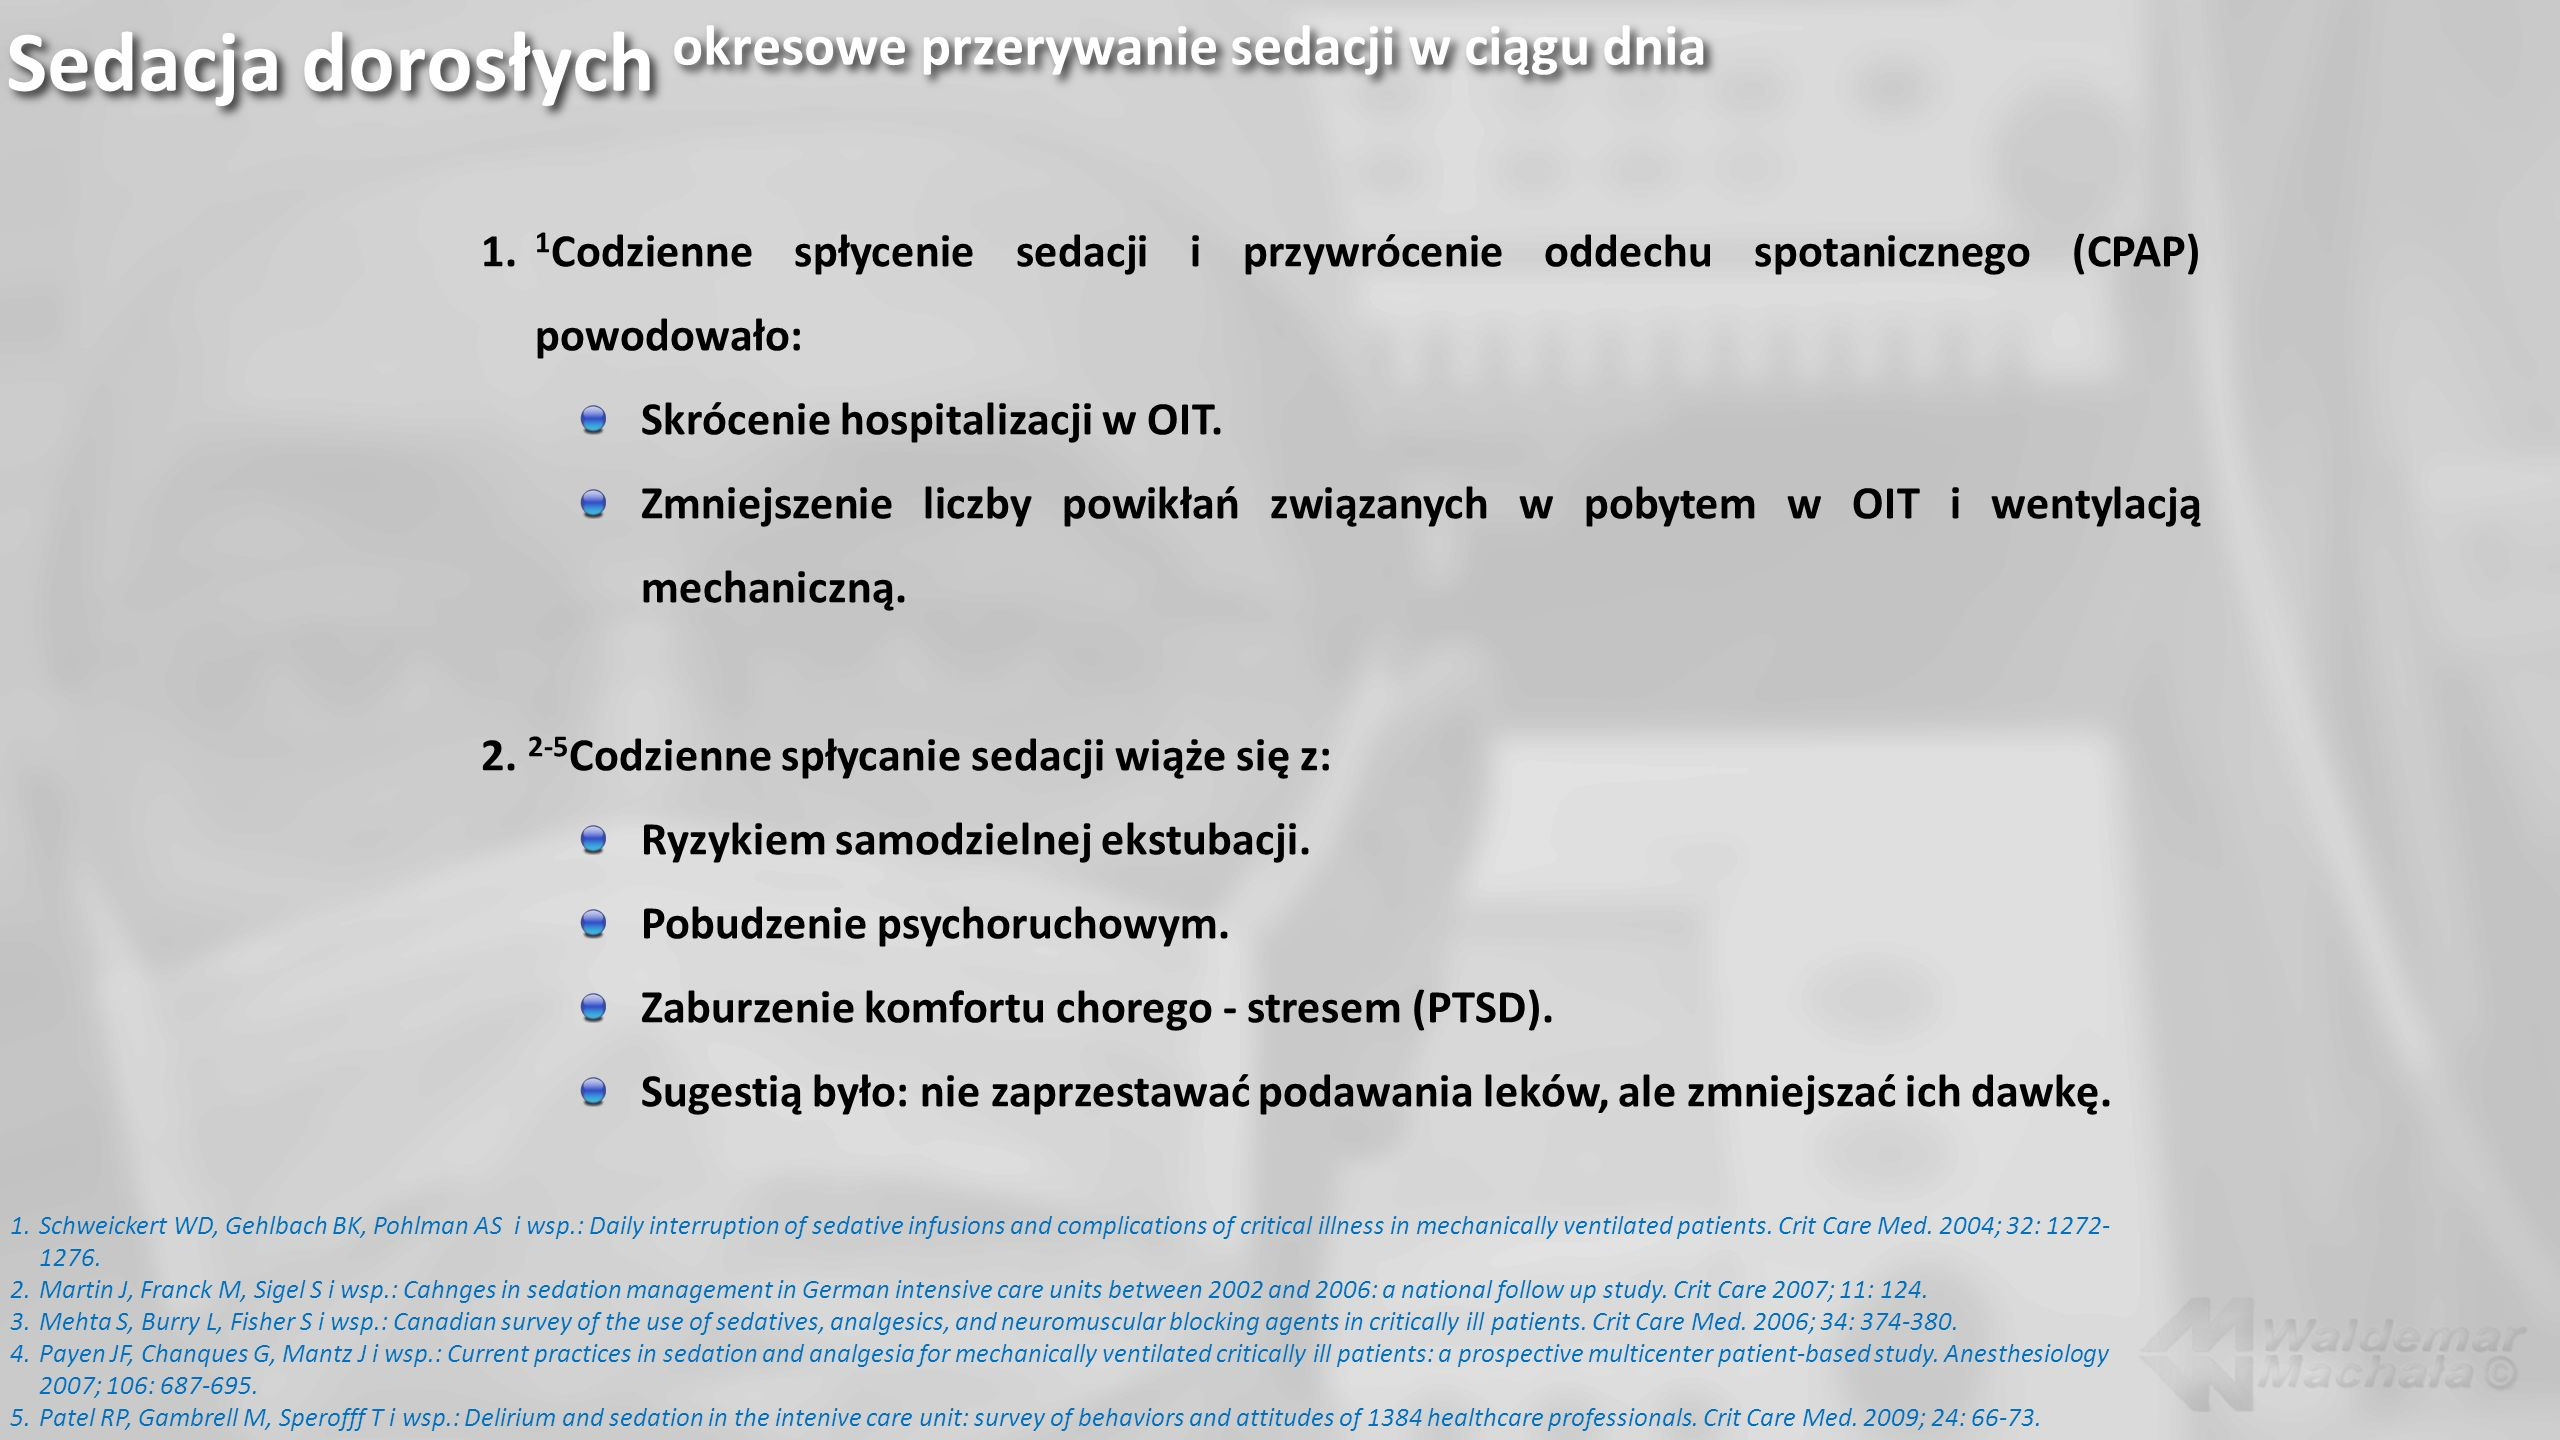 Sedacja dorosłych okresowe przerywanie sedacji w ciągu dnia